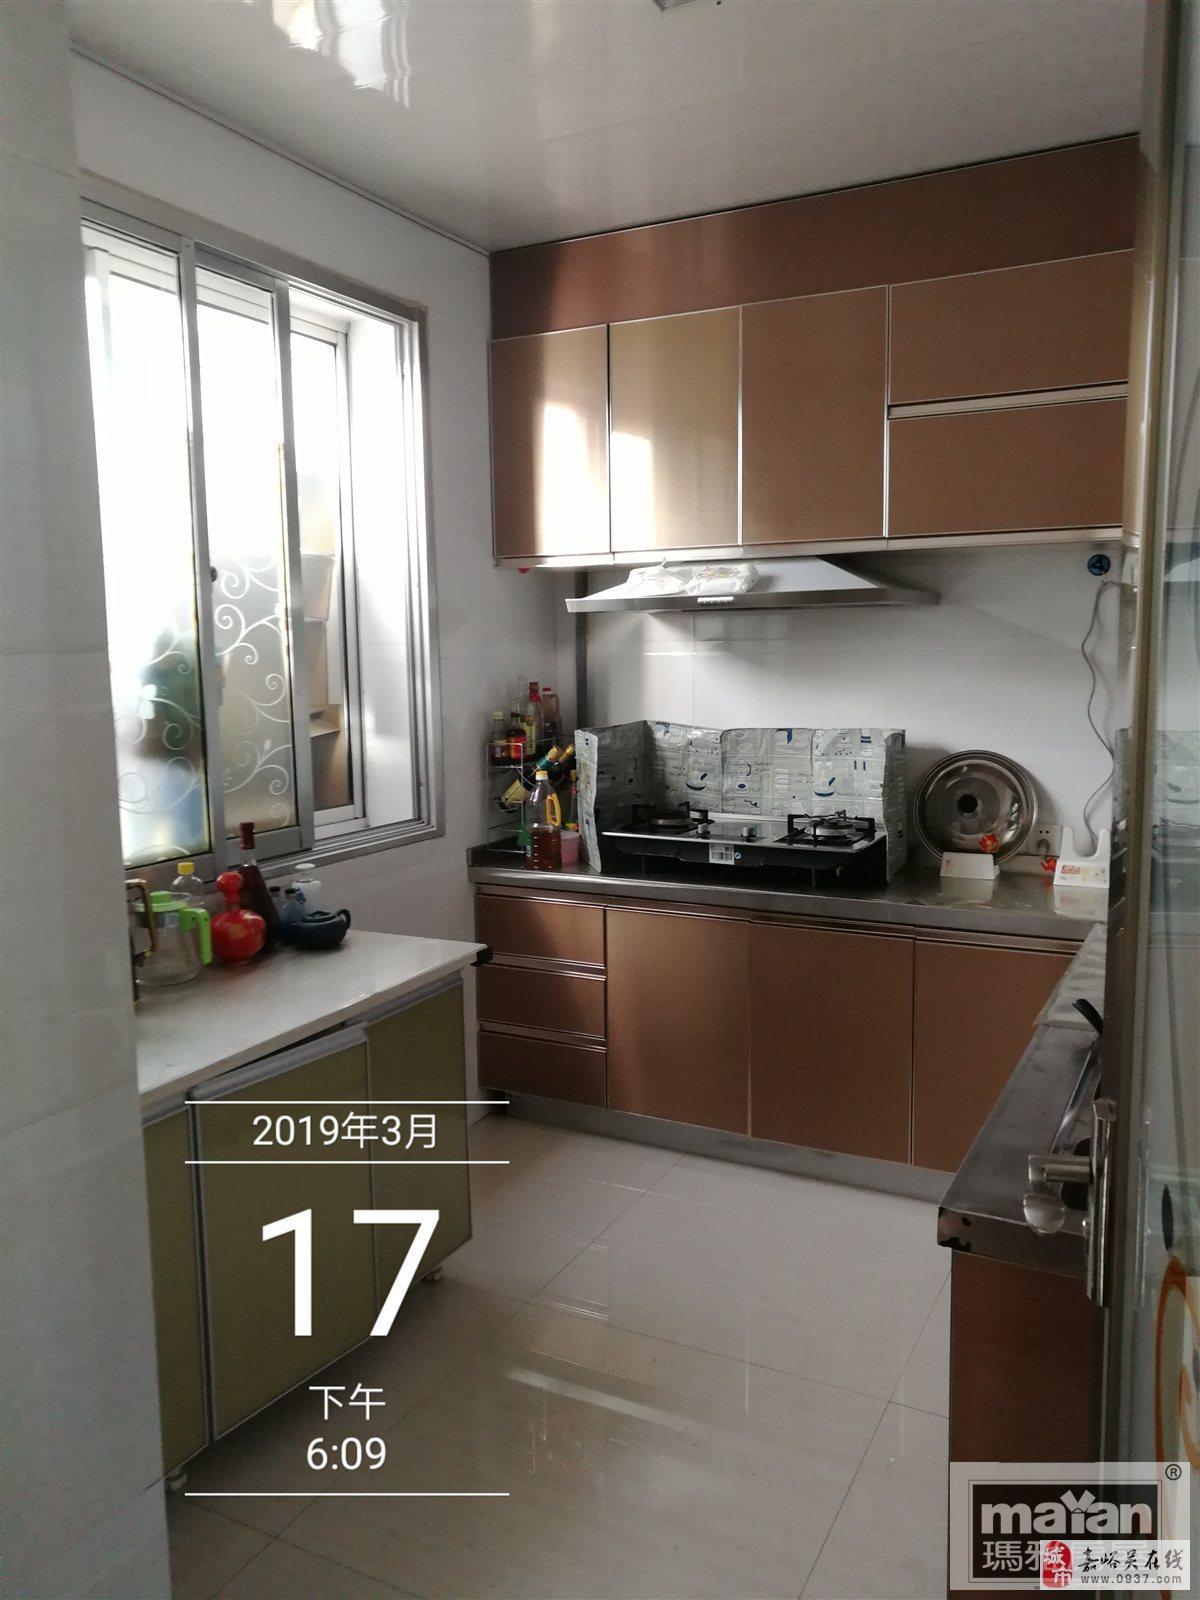 【玛雅房屋】五一街区3室2厅2卫55万元